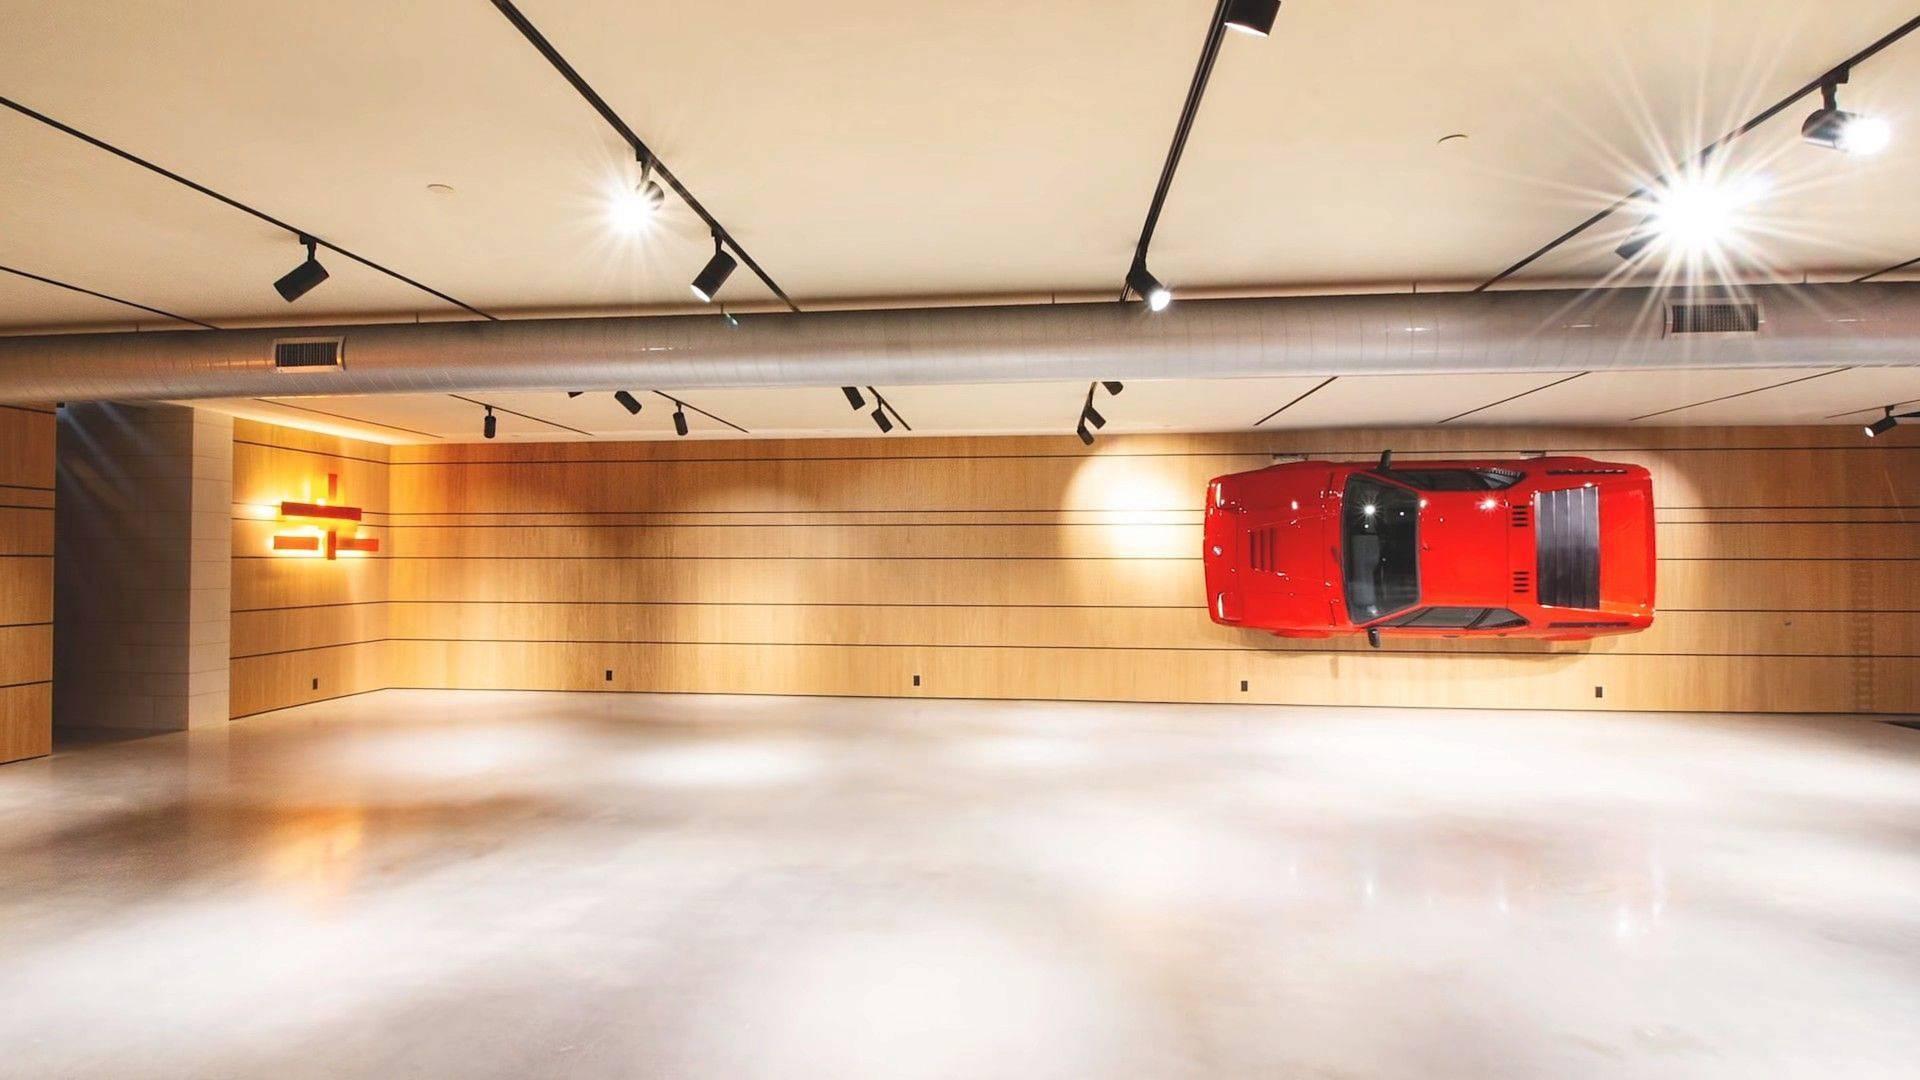 Aan De Muur : Bmw m aan de muur van zijn garage topgear nederland